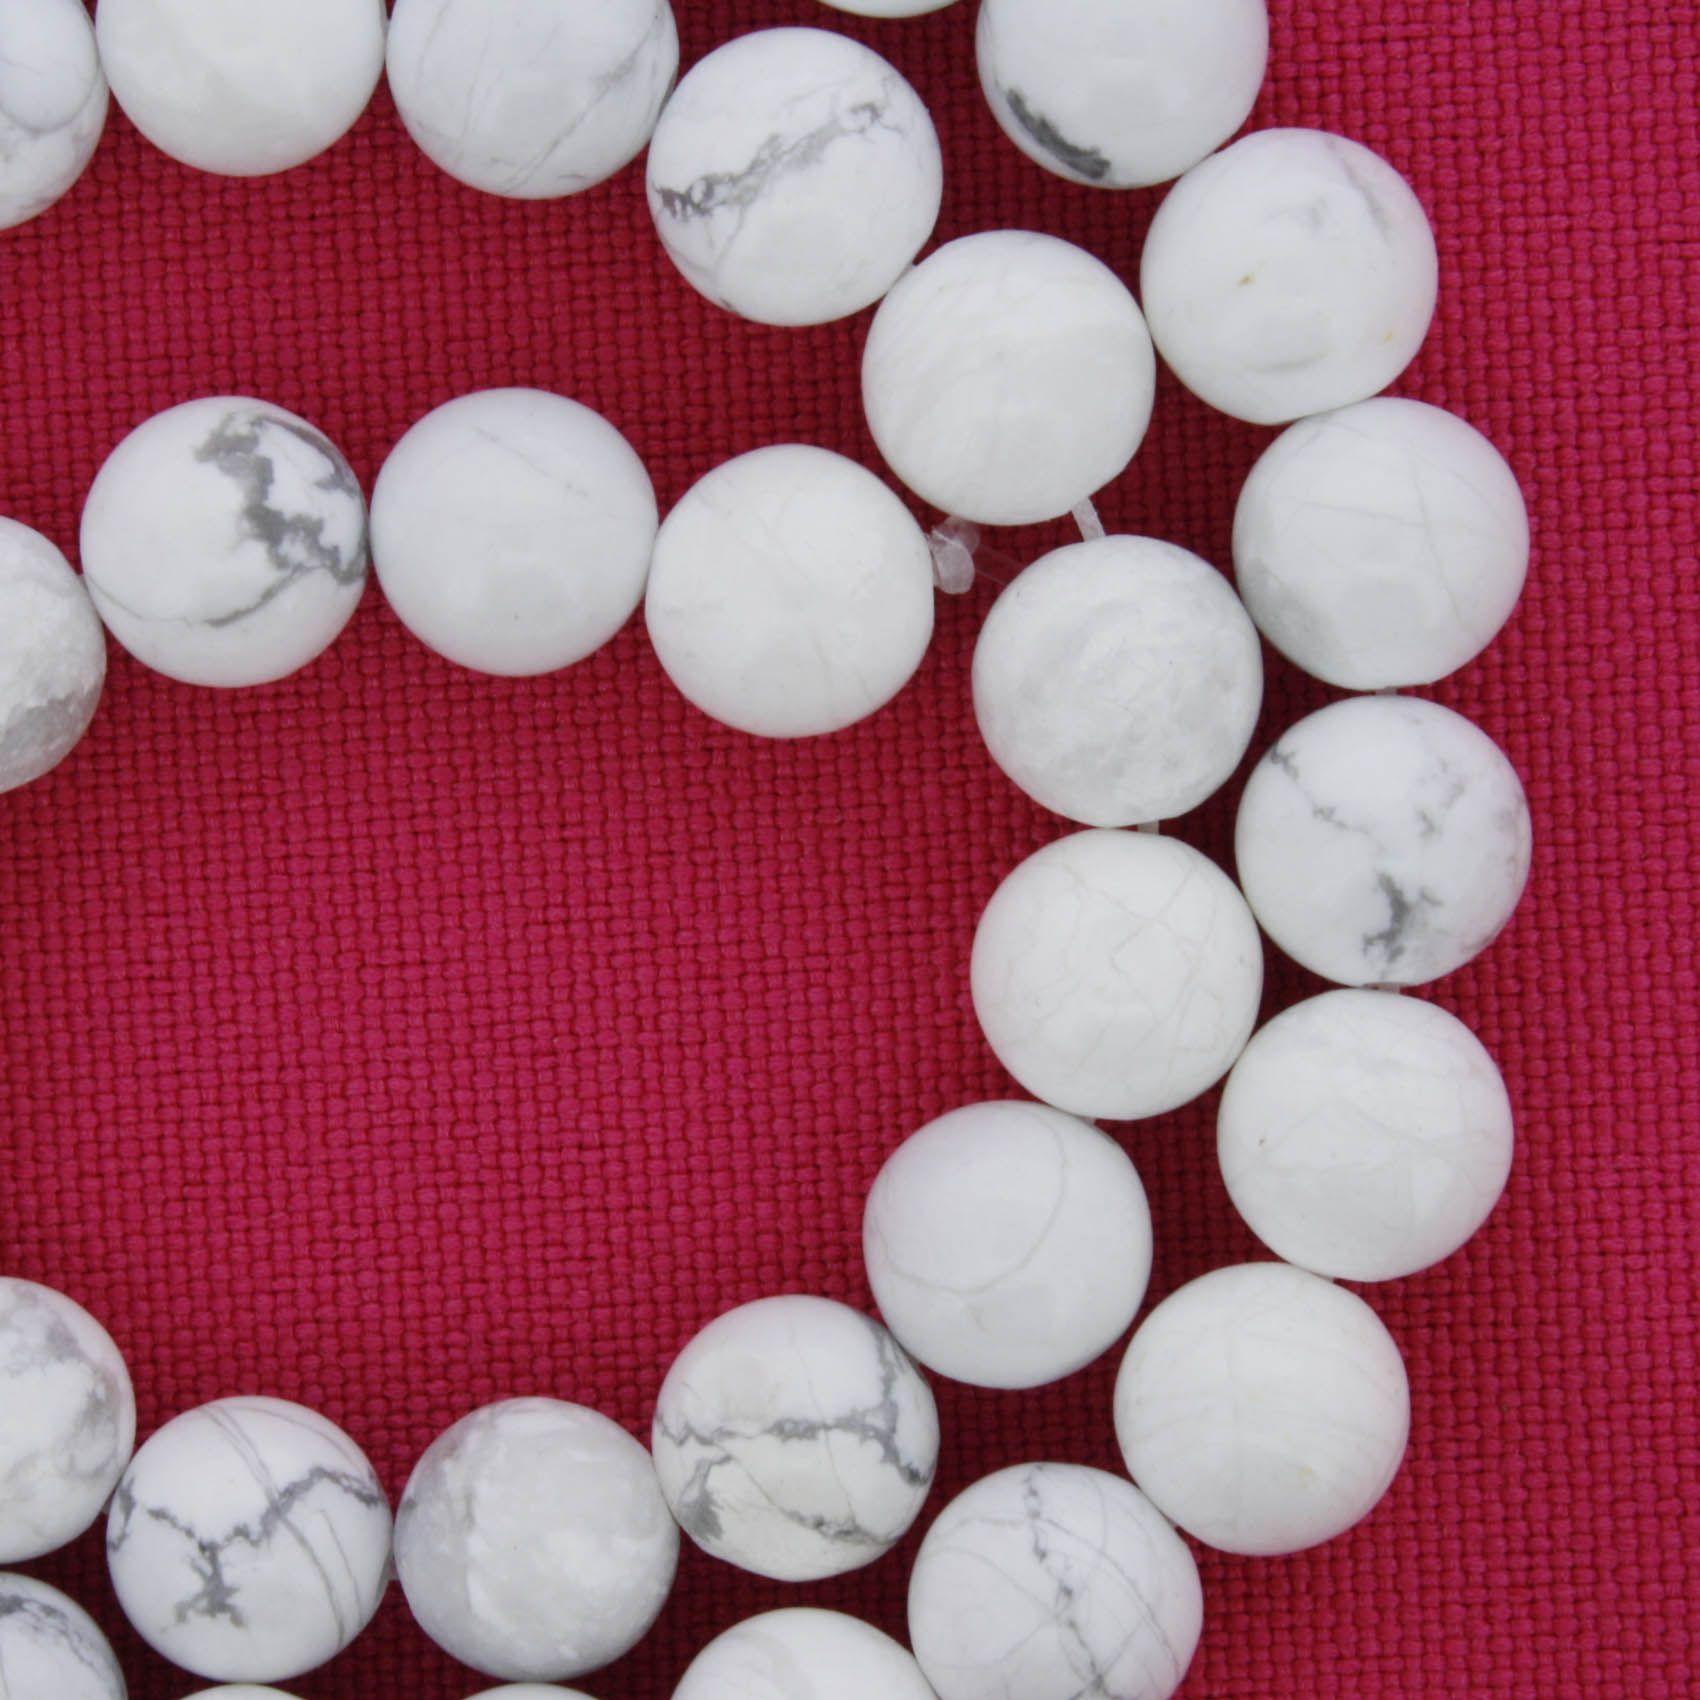 Fio de Pedra - Howlita Branca Fosca - 8mm  - Stéphanie Bijoux® - Peças para Bijuterias e Artesanato